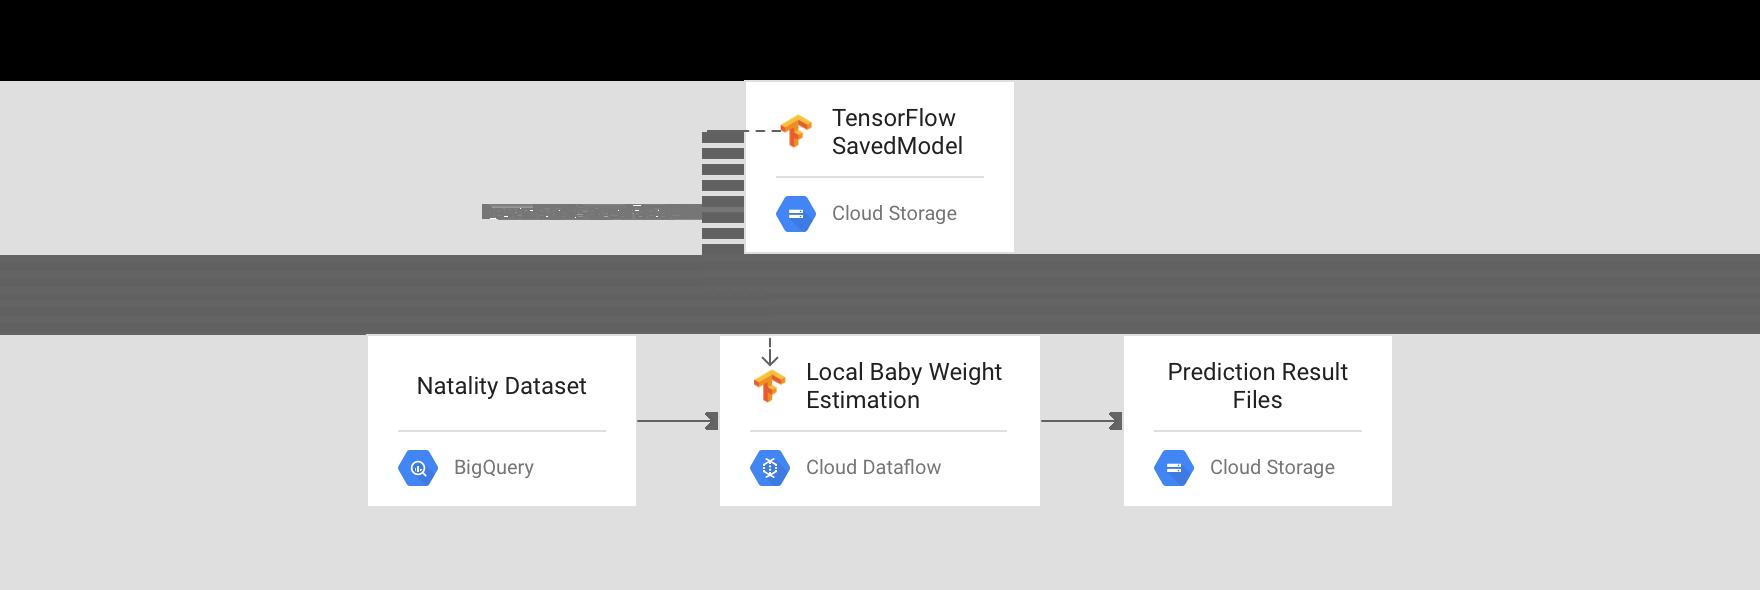 일괄 접근 방식 1: Dataflow에서 직접 모델 예측